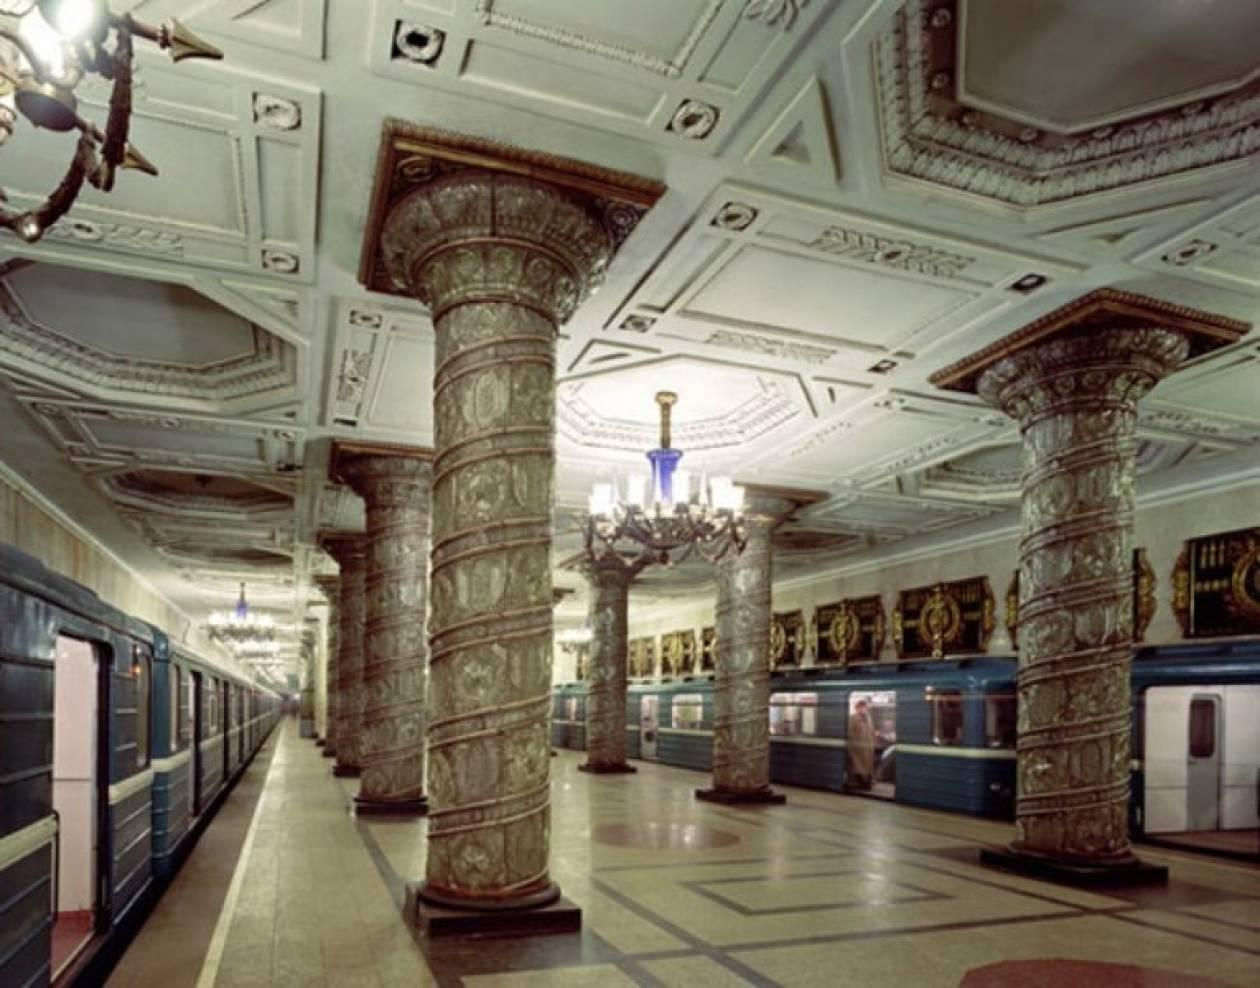 Ένα υπόγειο παλάτι στο βαθύτερο μετρό στον κόσμο!